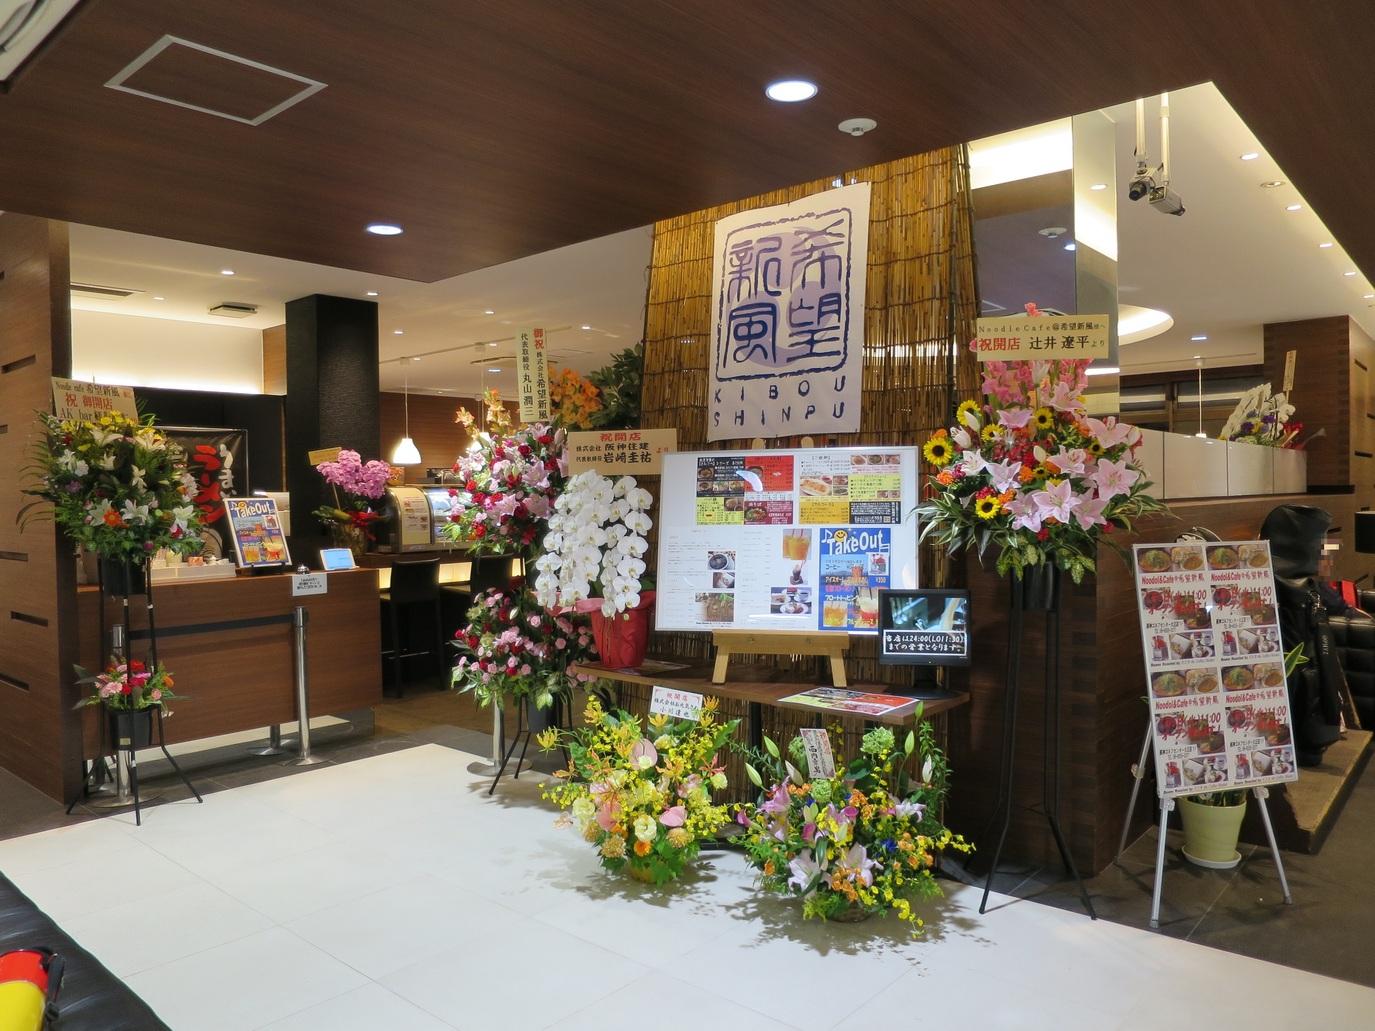 ラーメンcafe 希望新風 阪神ゴルフセンター大正店